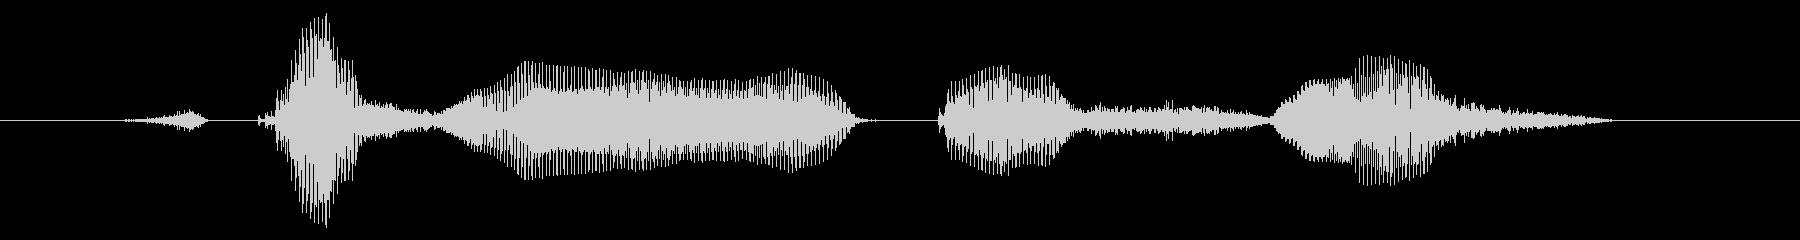 スタジオへお返しします♪の未再生の波形